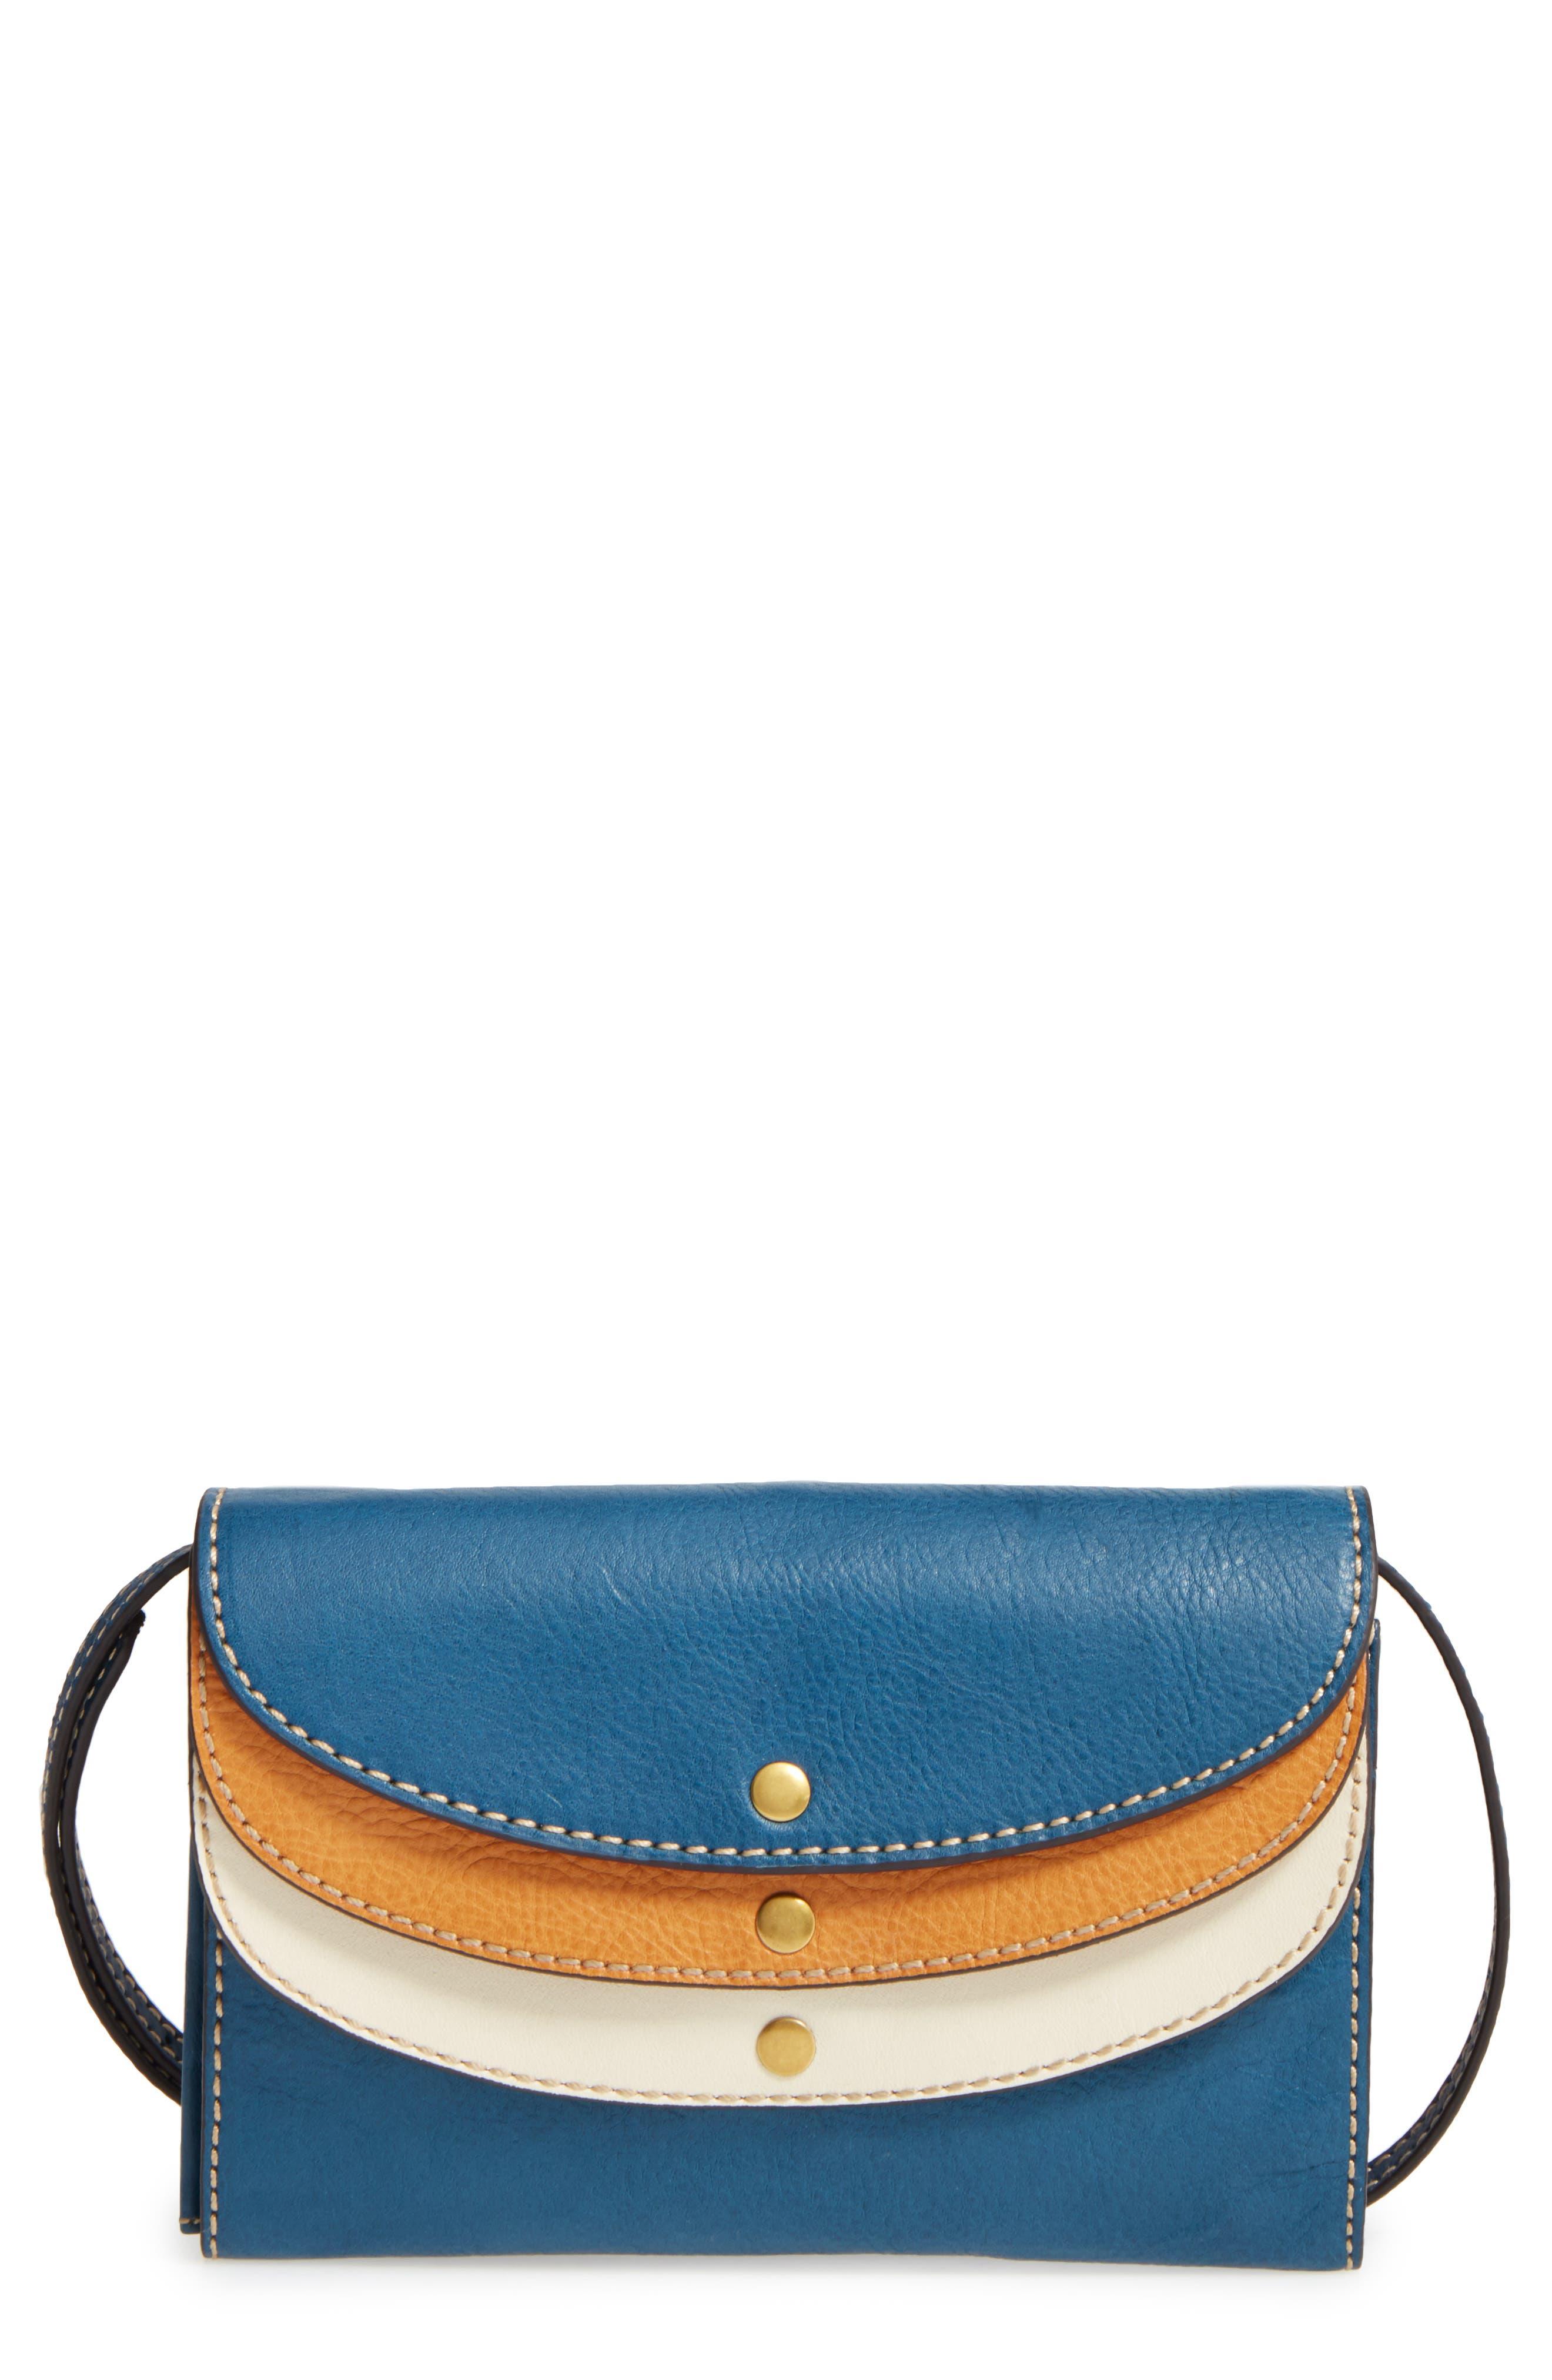 Frye Adeline Leather Crossbody Wallet